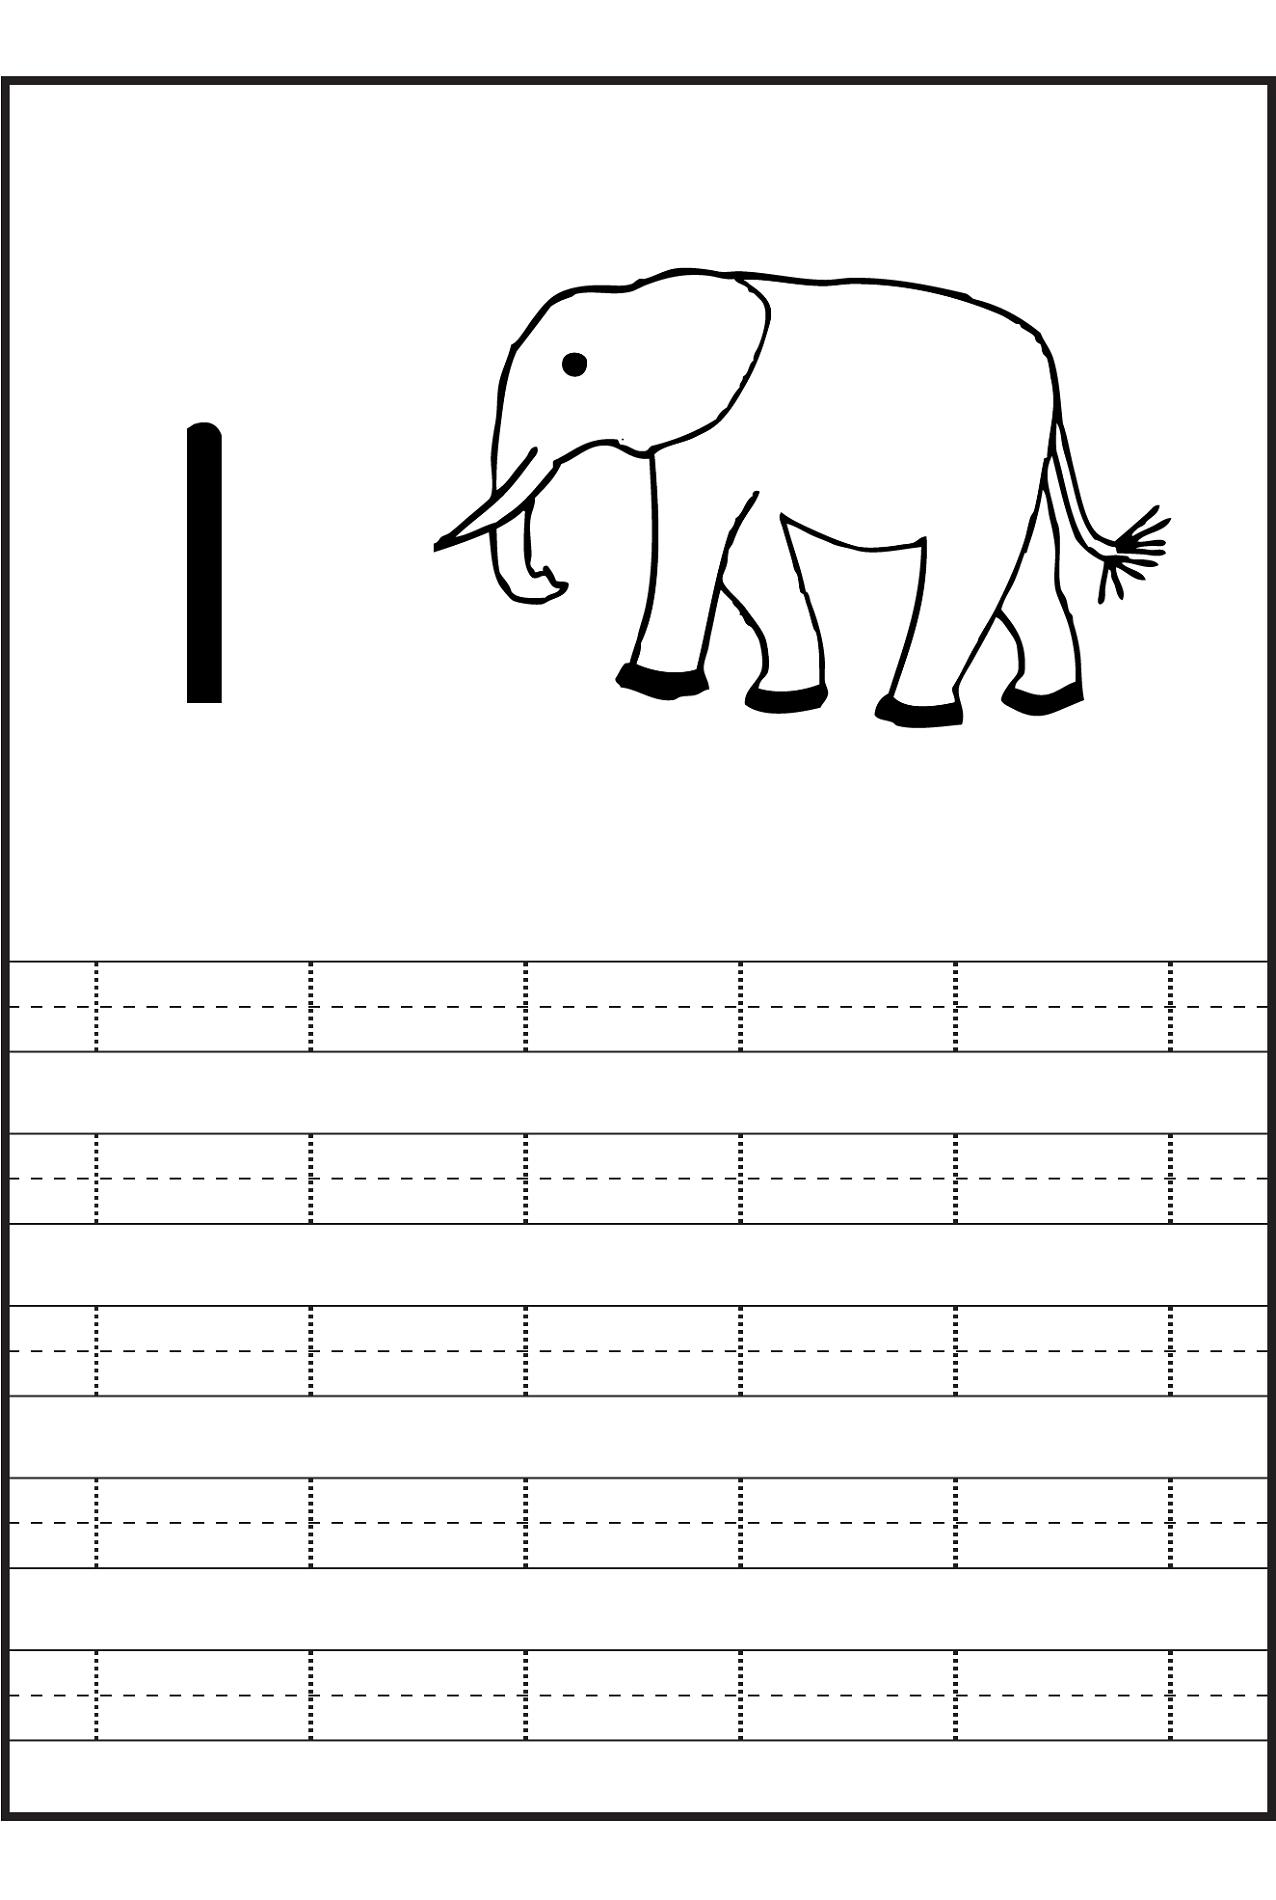 Worksheet Number Trace Worksheet Brunokone Worksheet